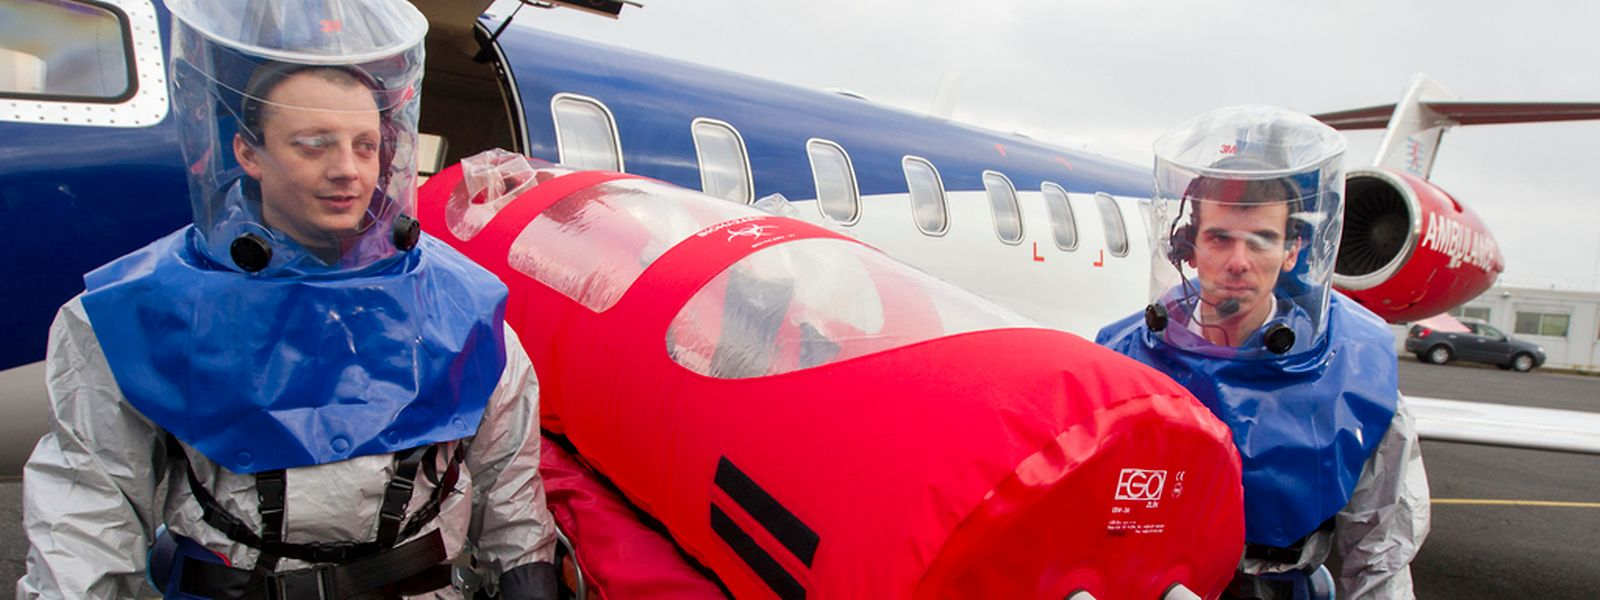 Zwei Lear-Jets der Air Rescue wurden so umgerüstet, dass sie Ebola-Patienten transportieren können.